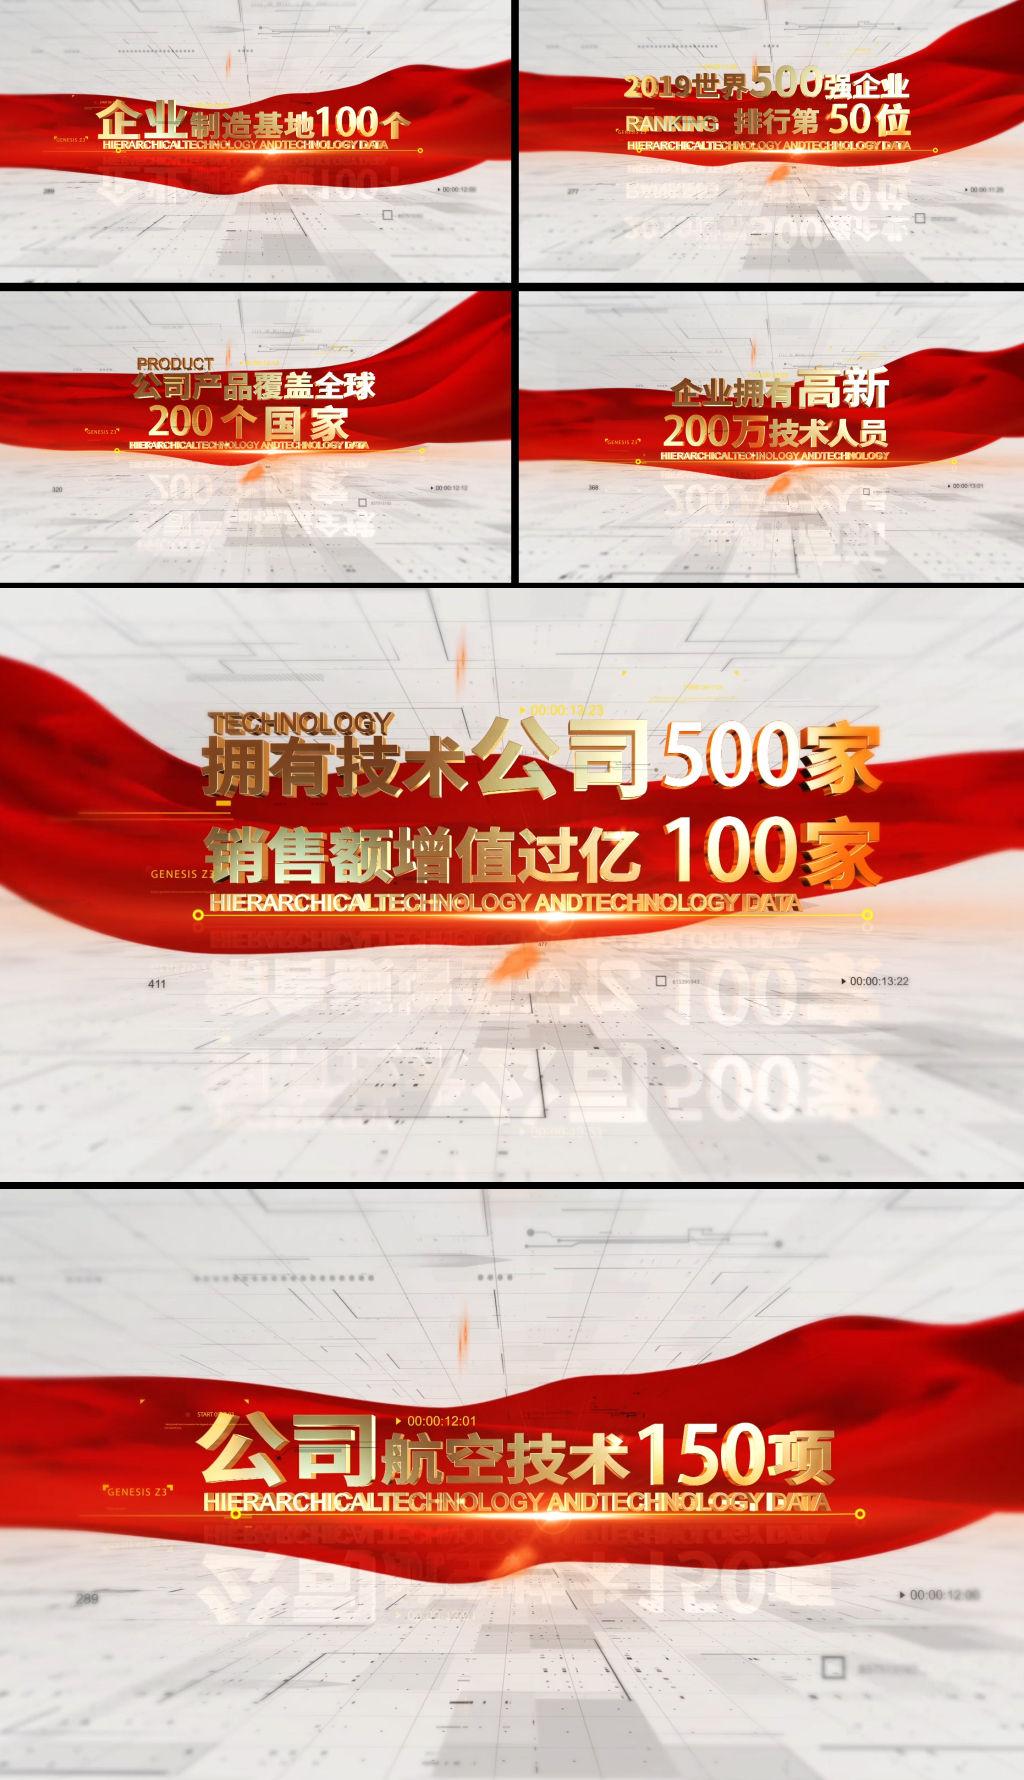 红色党政企业科技数据字幕文字展示AE模板